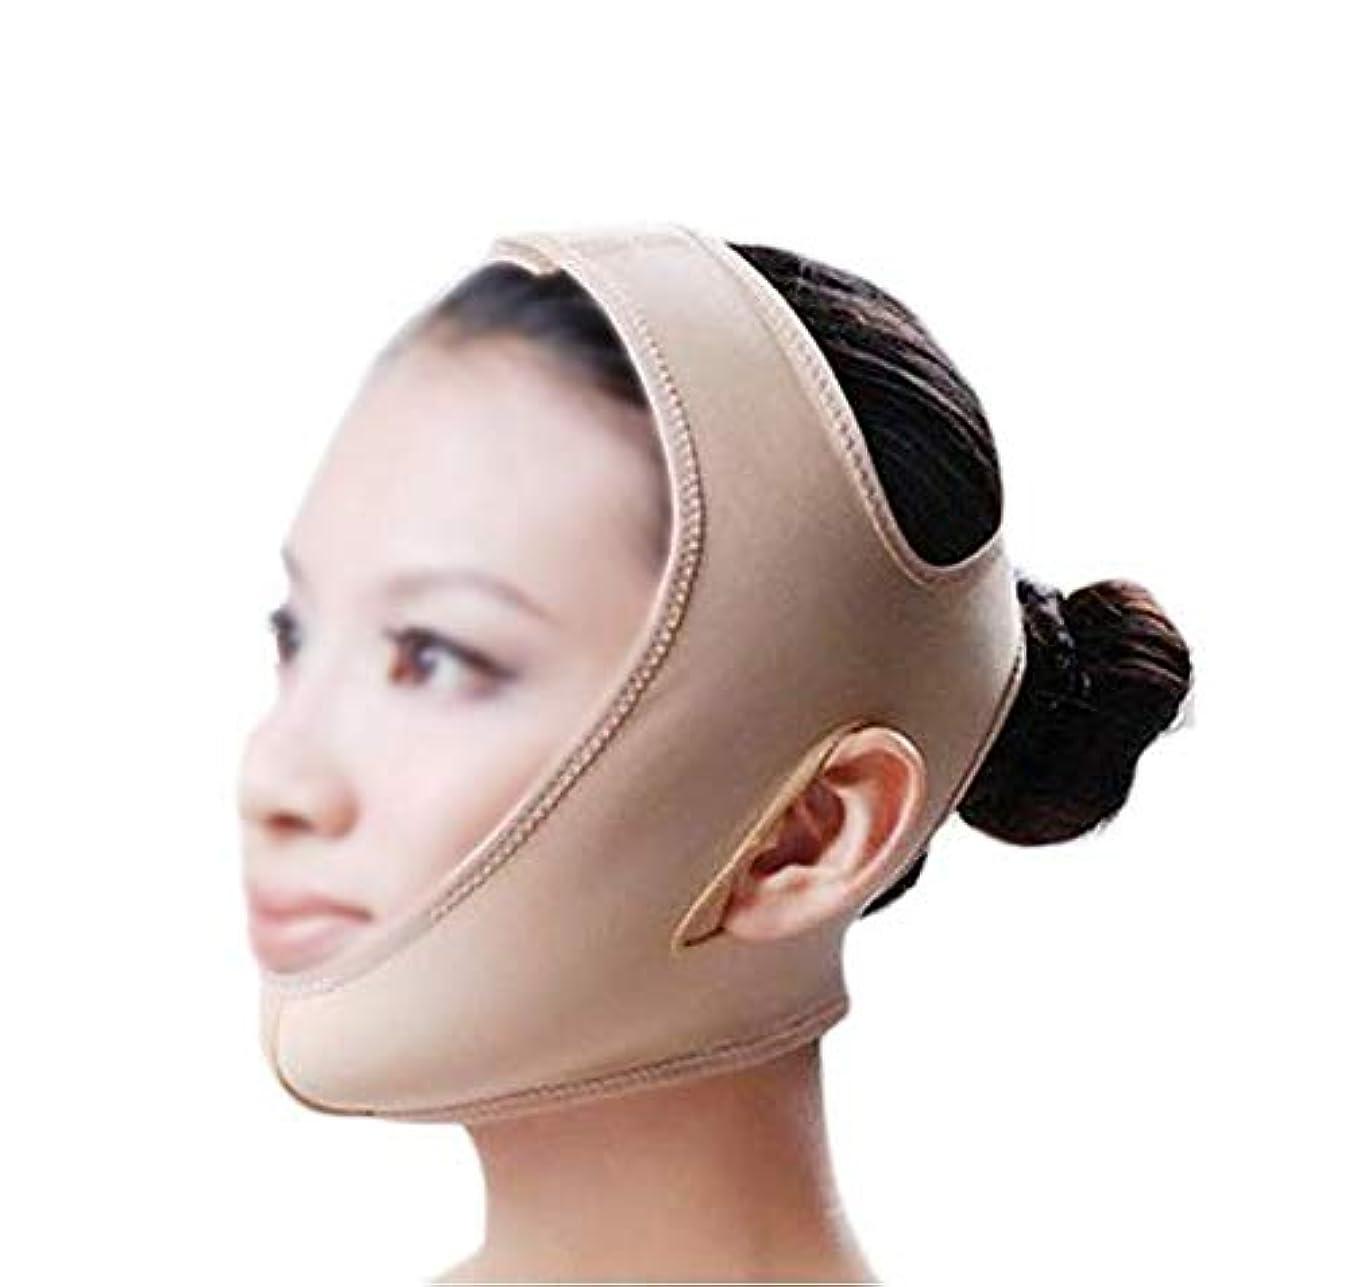 パンチネコスムーズにXHLMRMJ 引き締めフェイスマスク、マスクフェイシャルマスク美容医学フェイスマスク美容vフェイス包帯ライン彫刻リフティング引き締めダブルチンマスク (Size : Xl)